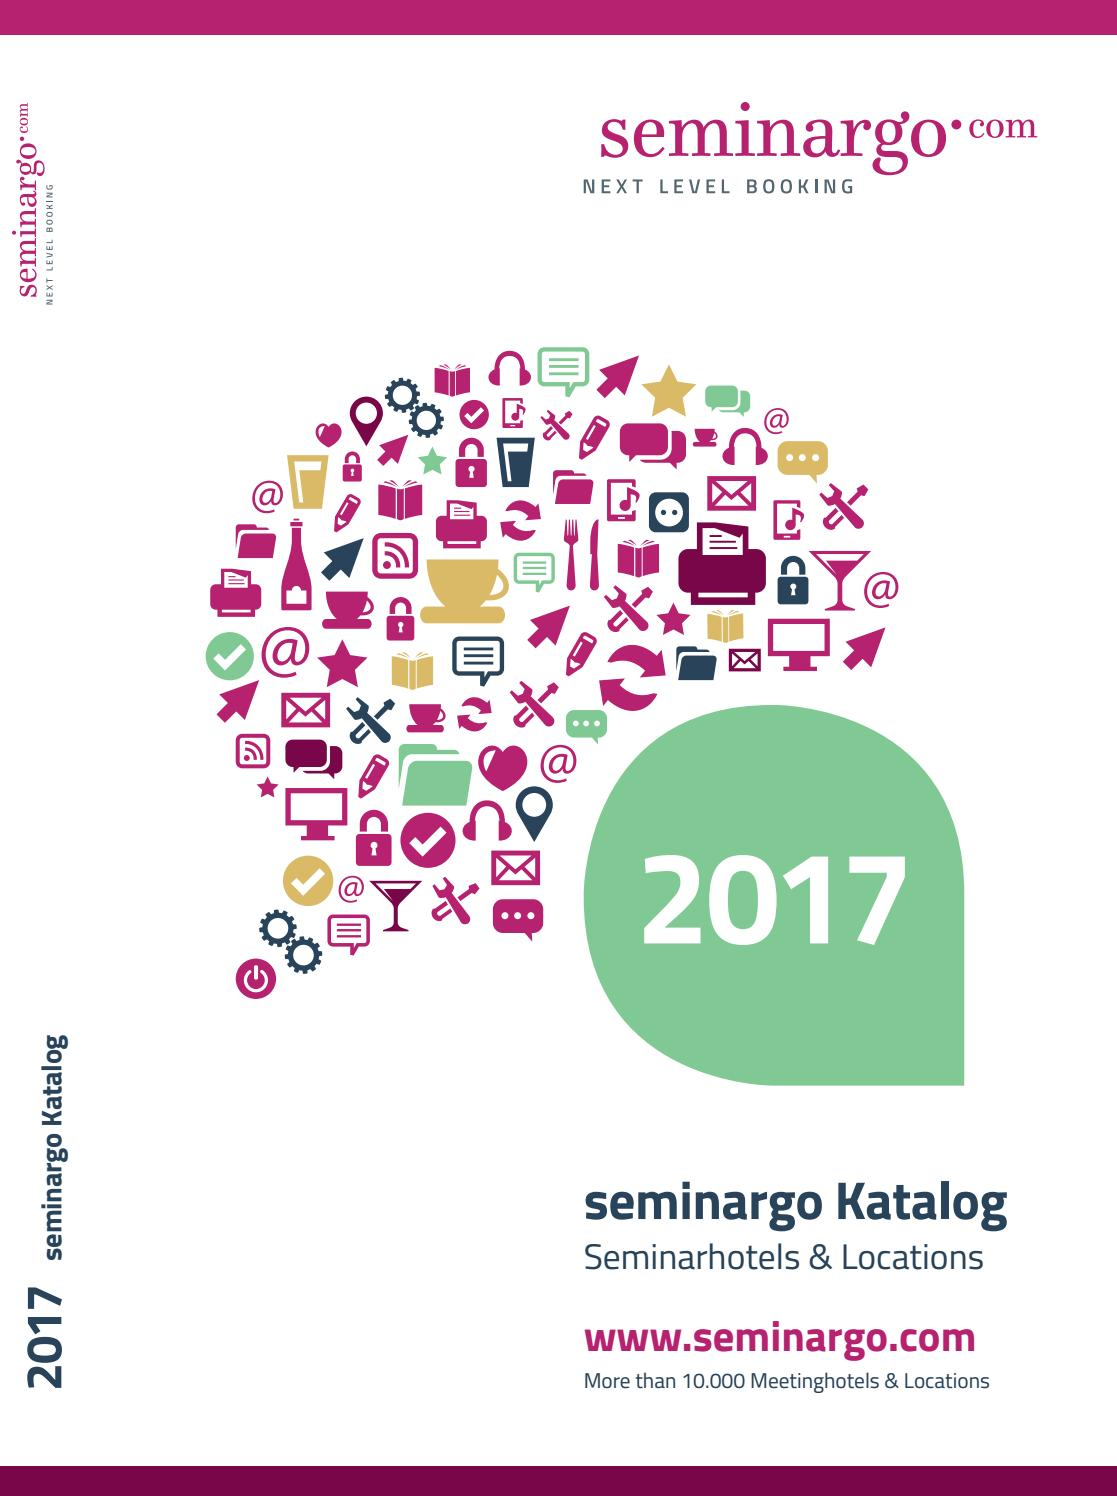 Sitzecken Im Garten Mit überdachung Inspirierend Seminargo Katalog 2017 by Seminargo issuu